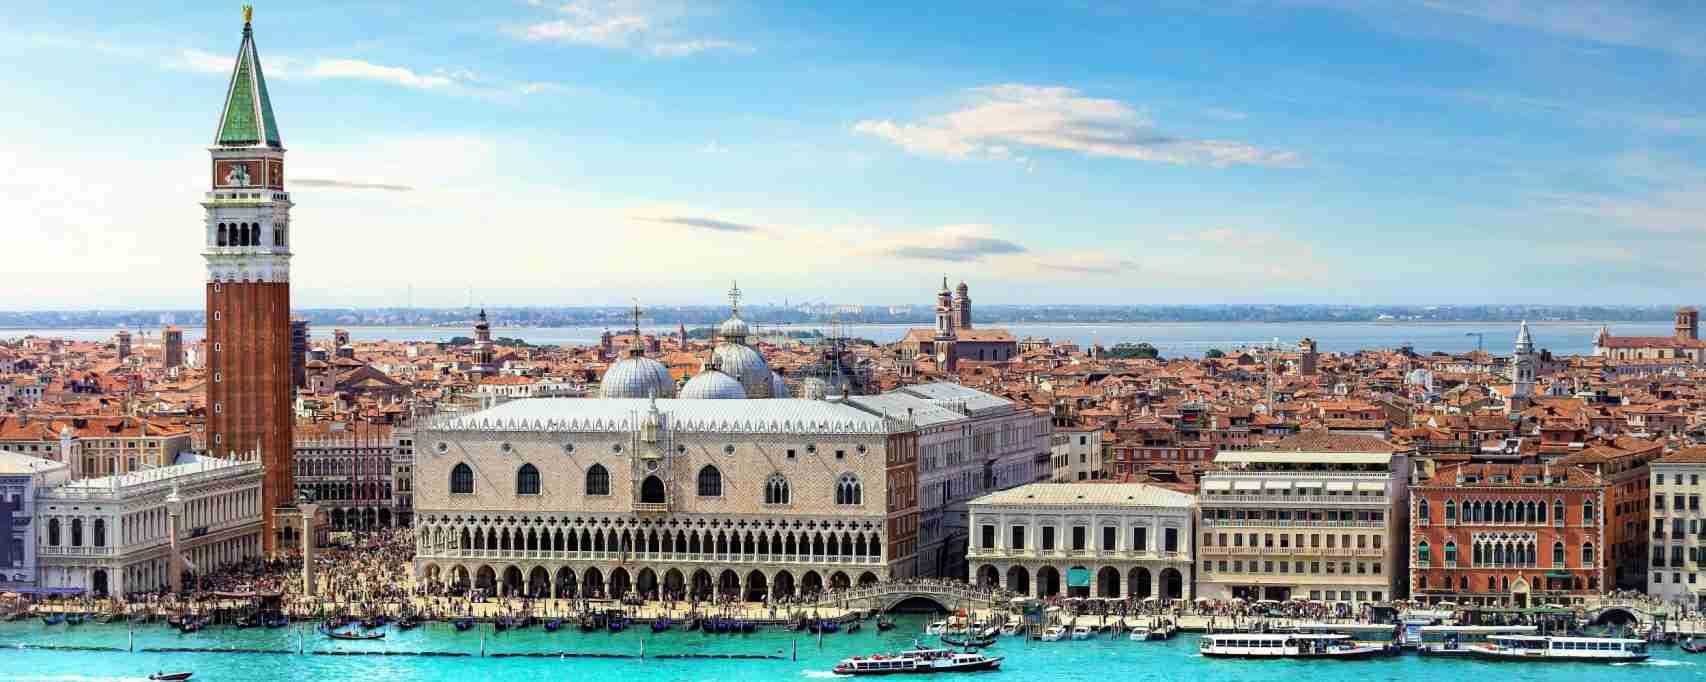 Visite guidate a Venezia da Roma